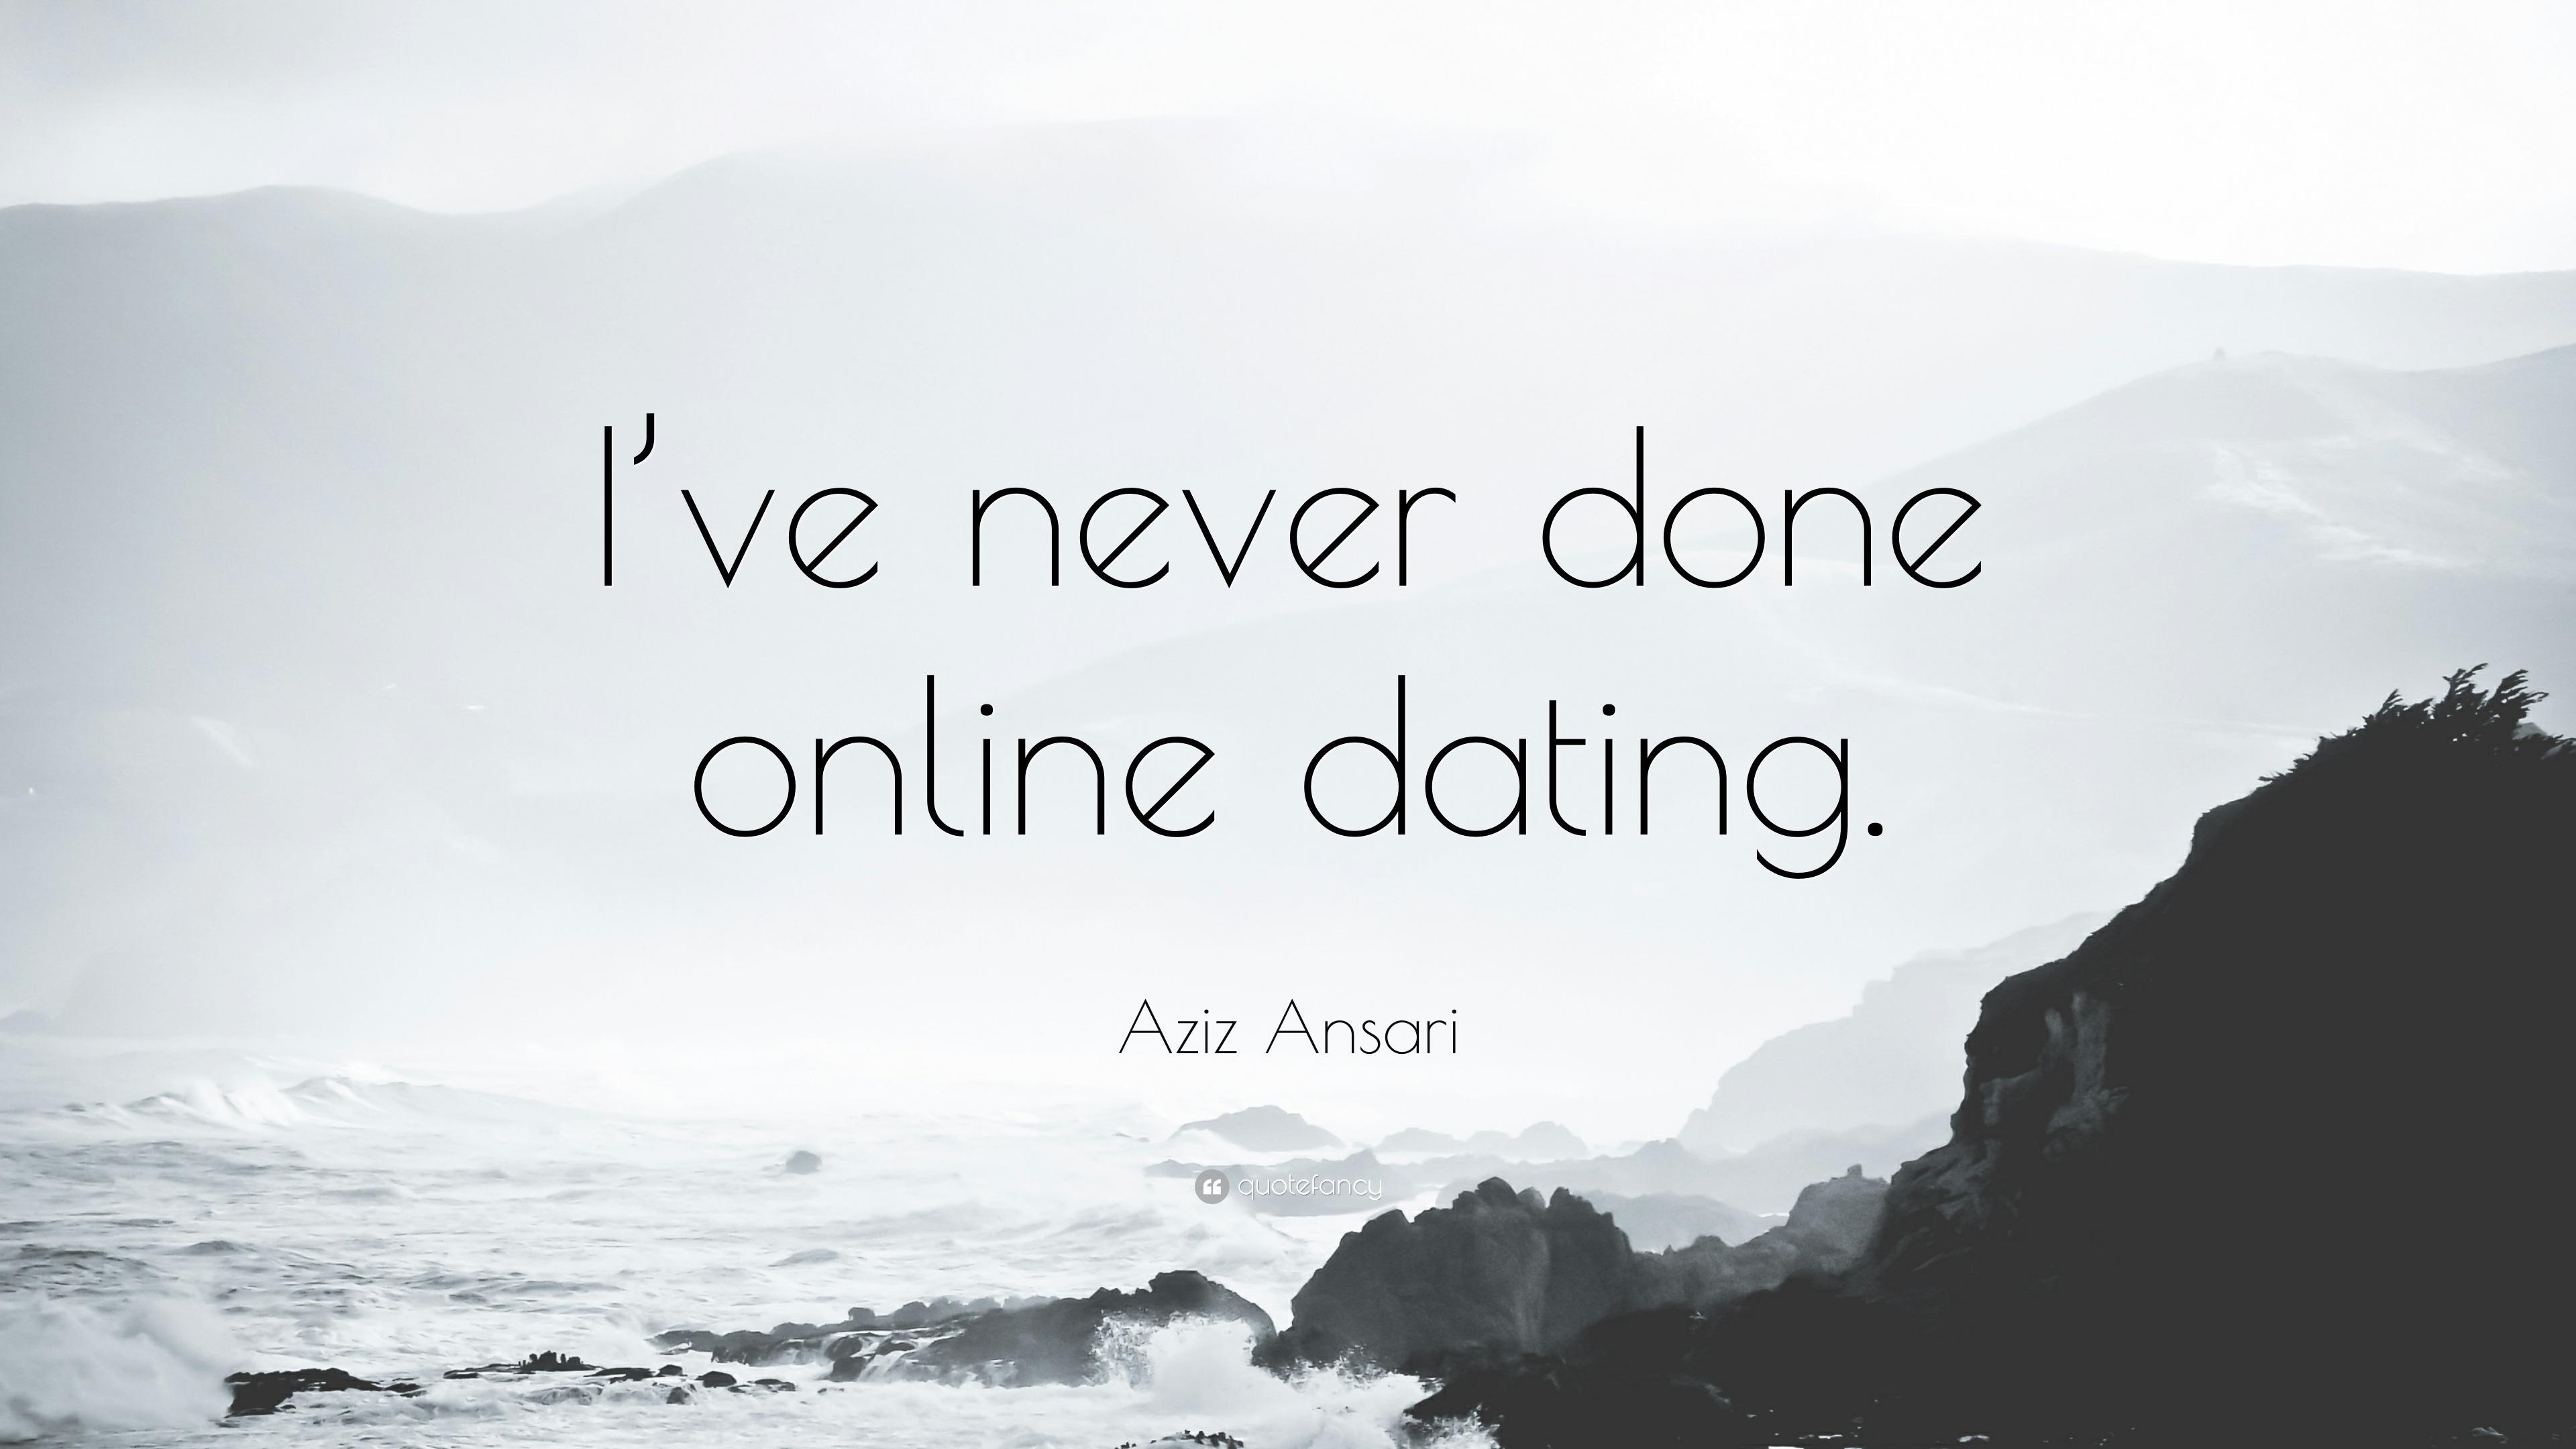 online dating aziz ansari independent dating website